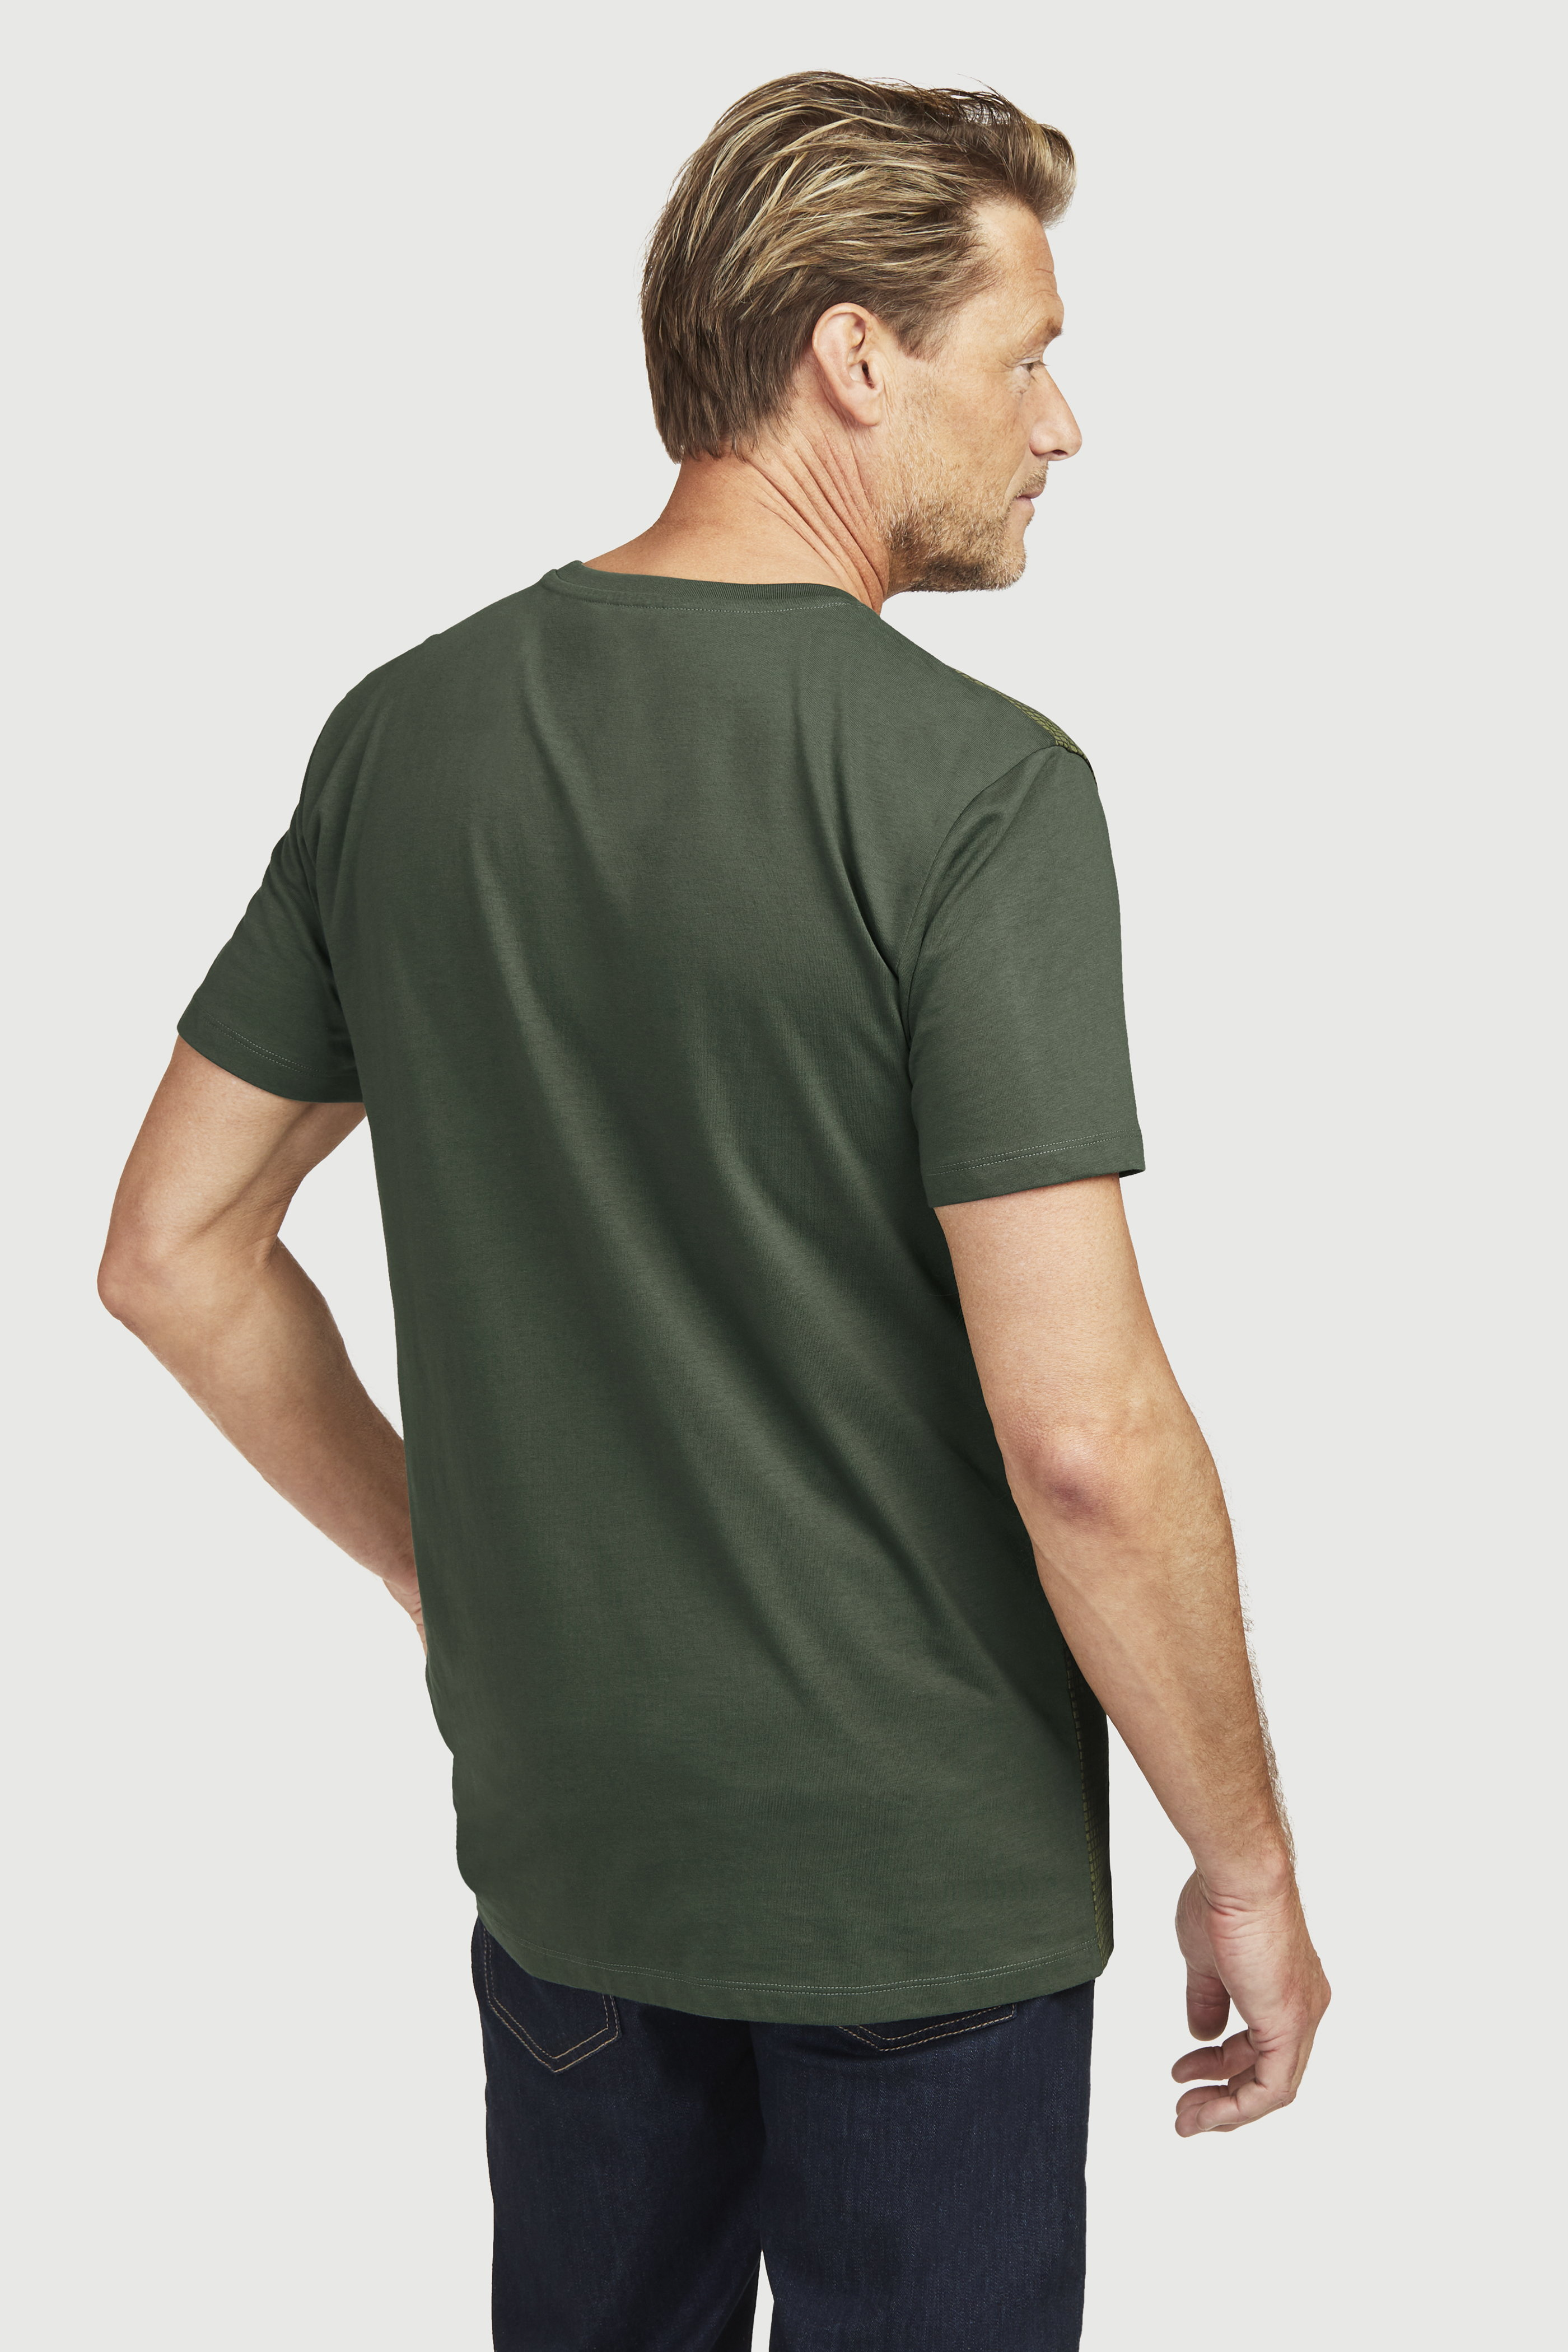 Ērts T-krekls no trikotāžas